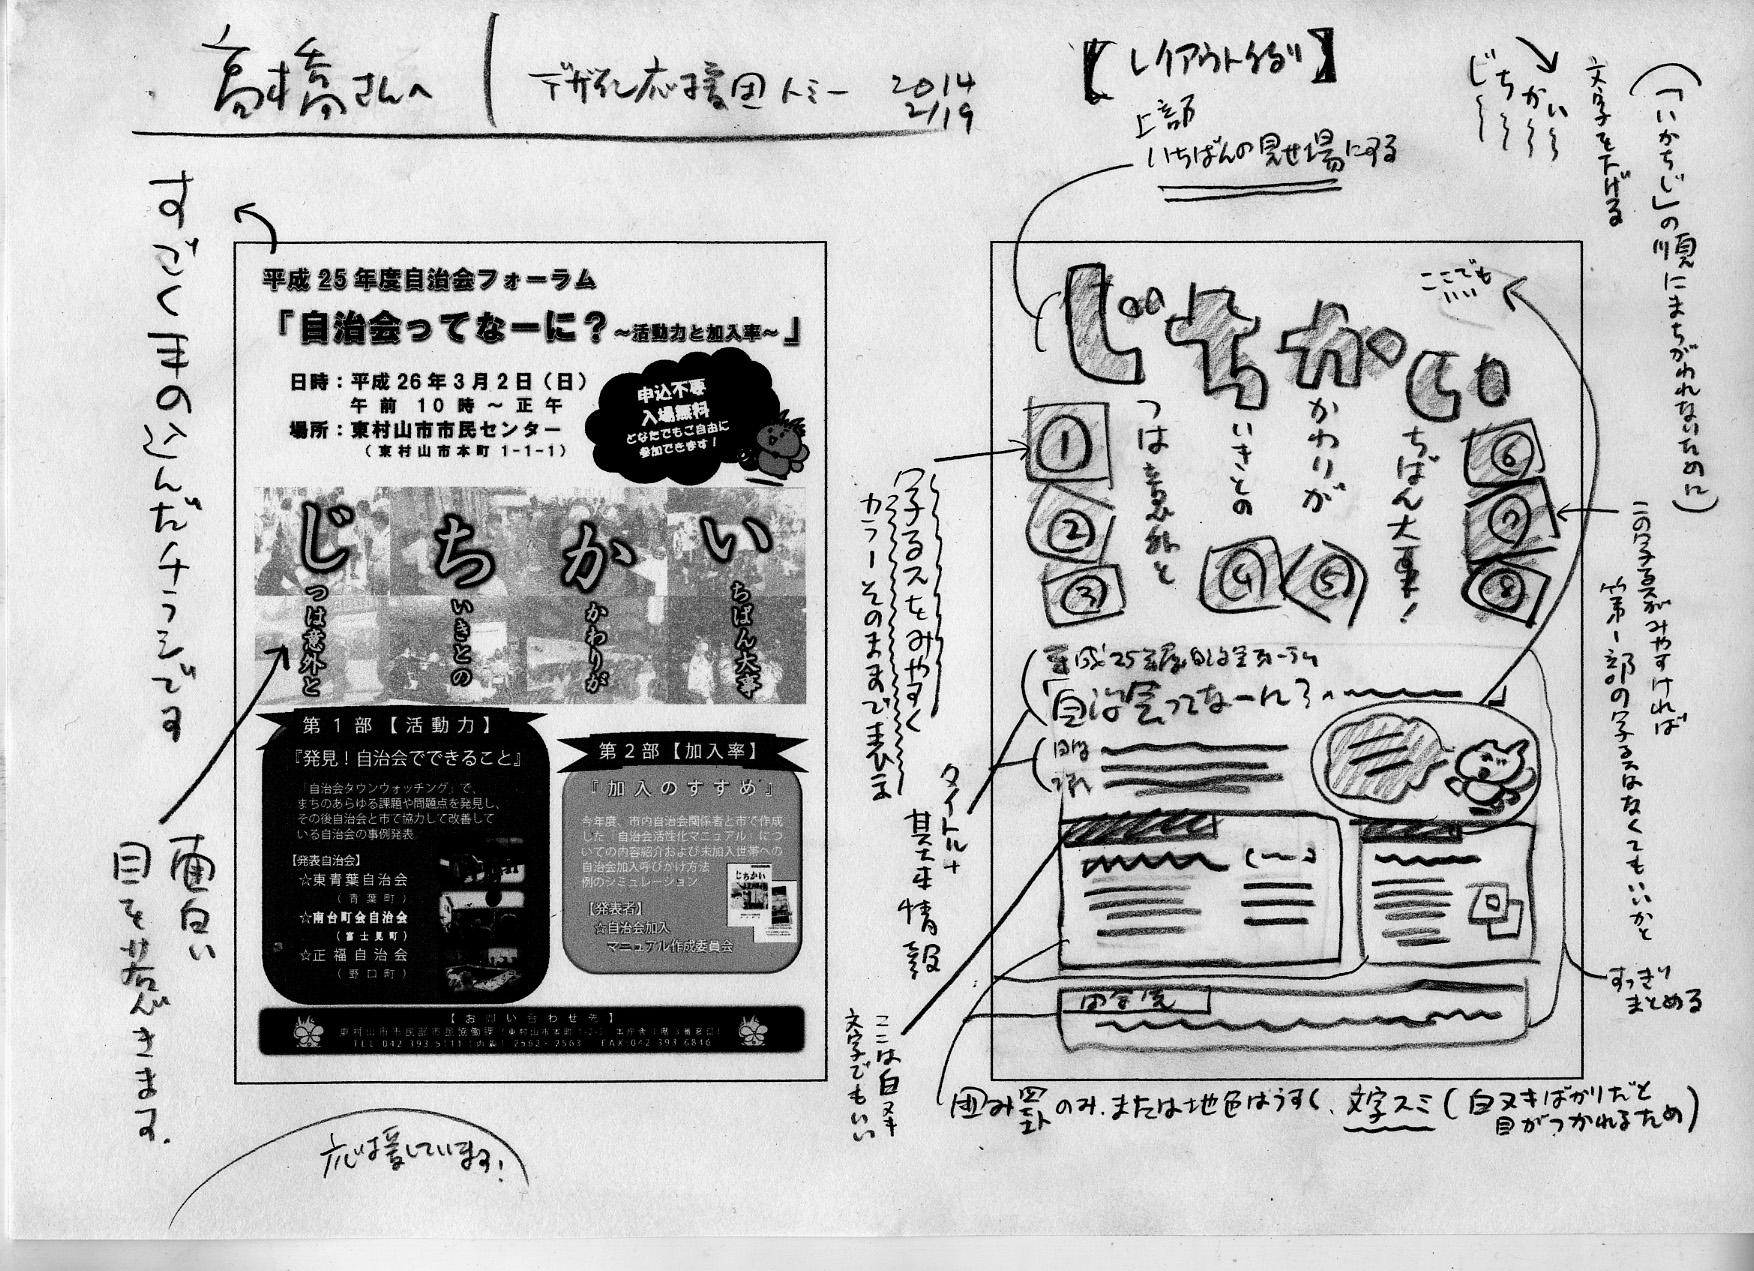 takahashisan_1.jpg